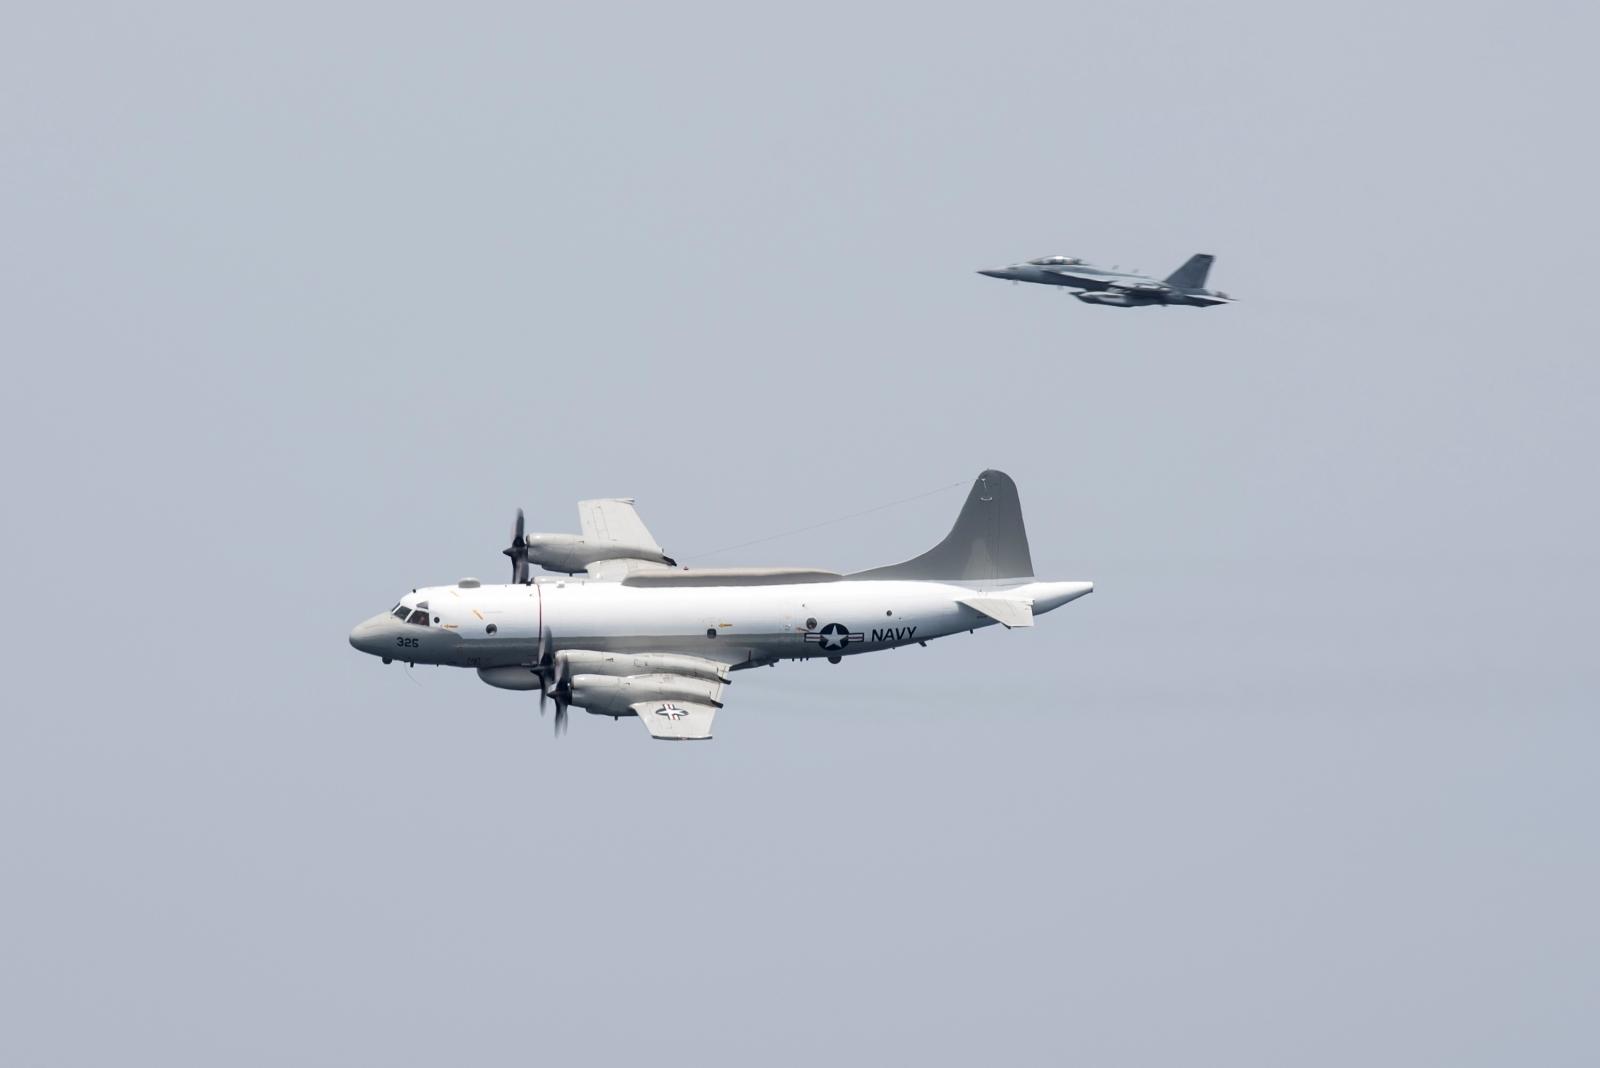 US Navy EP-3E aircraft